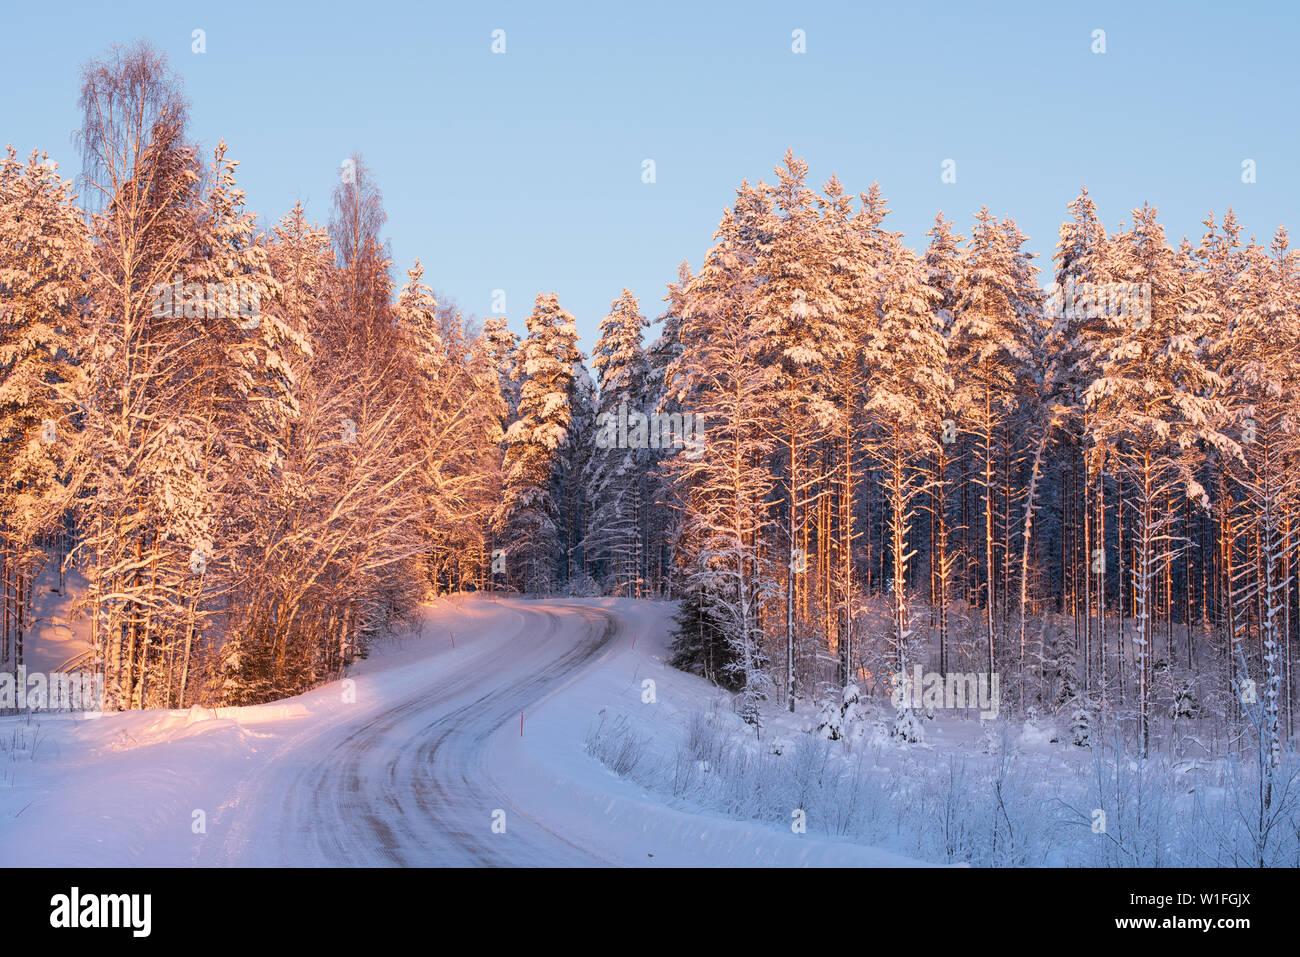 Sinuosas carreteras con nieve y hielo a través del paisaje forestal de invierno Foto de stock